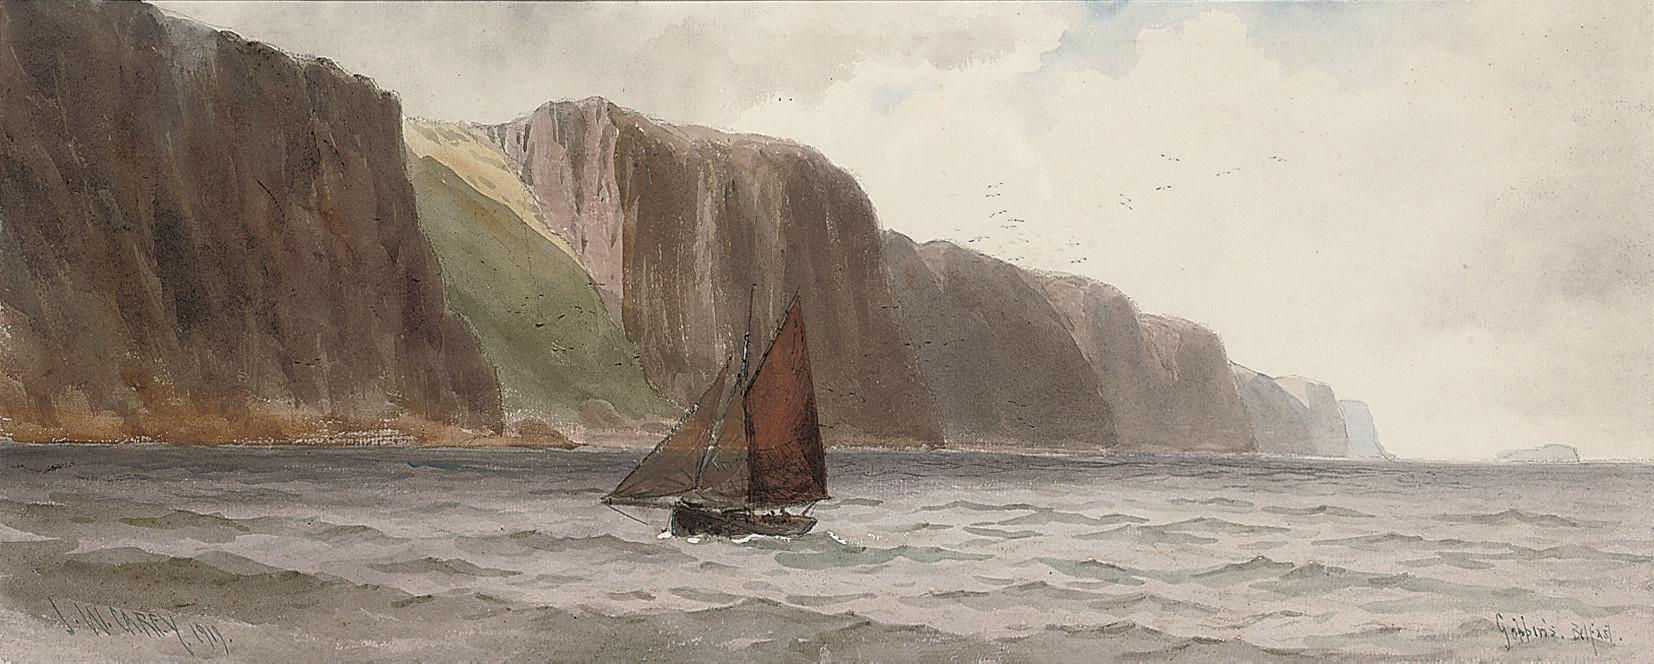 Joseph William Carey (1859-193